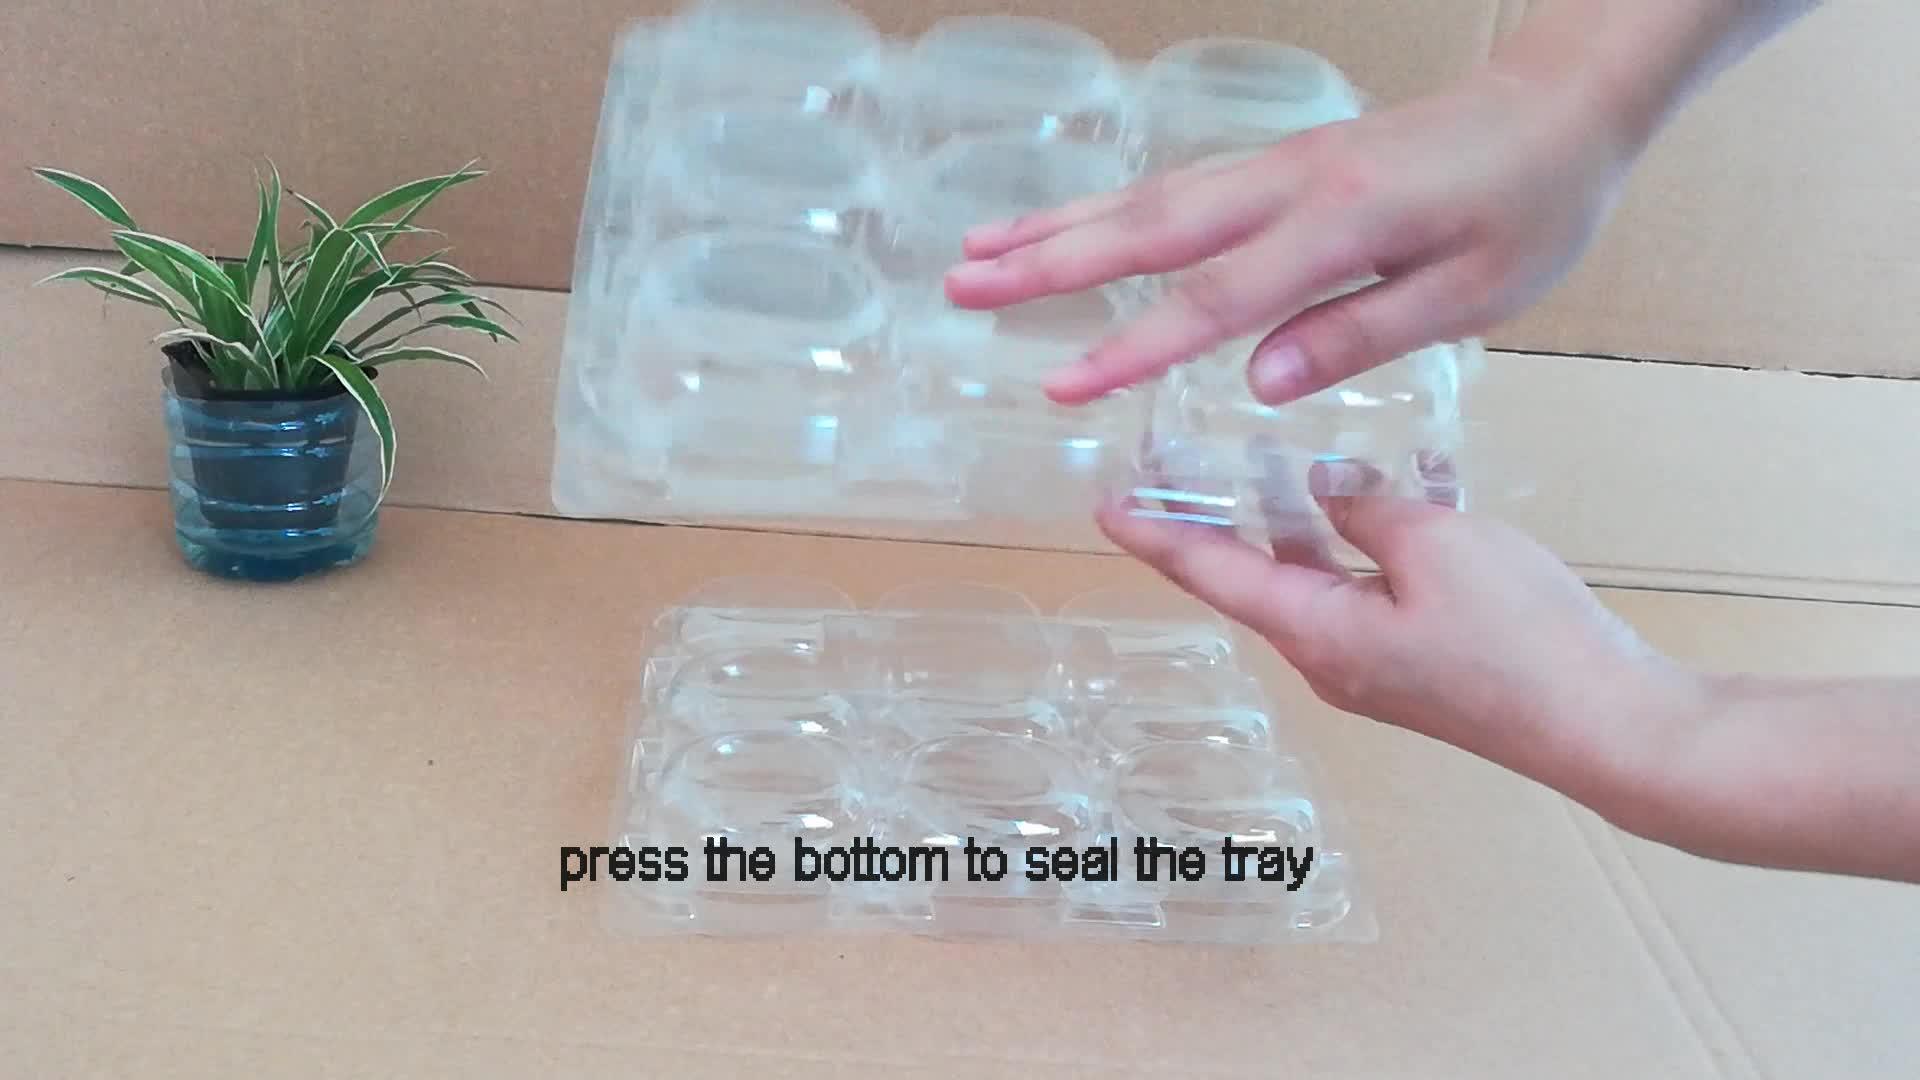 Einweg biologisch abbaubar Blister lebensmittel Klar PET kunststoff Frische harte gemüse fach und obst verpackung box/mushroom tray